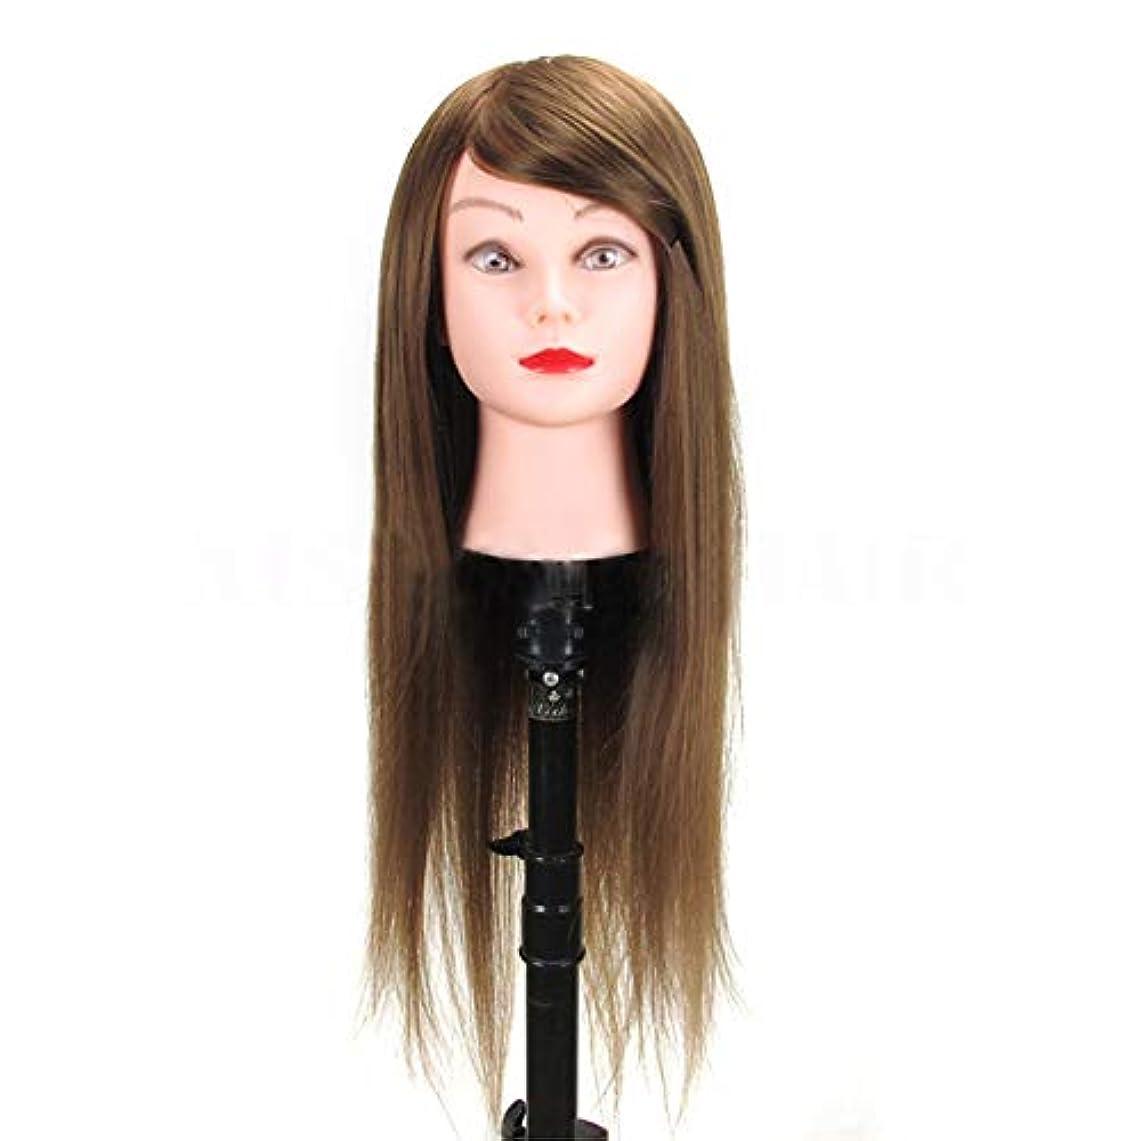 ミュート炭水化物重要性高温シルク編組ヘアスタイリングヘッドモデル理髪店理髪ダミーヘッド化粧練習マネキンヘッド